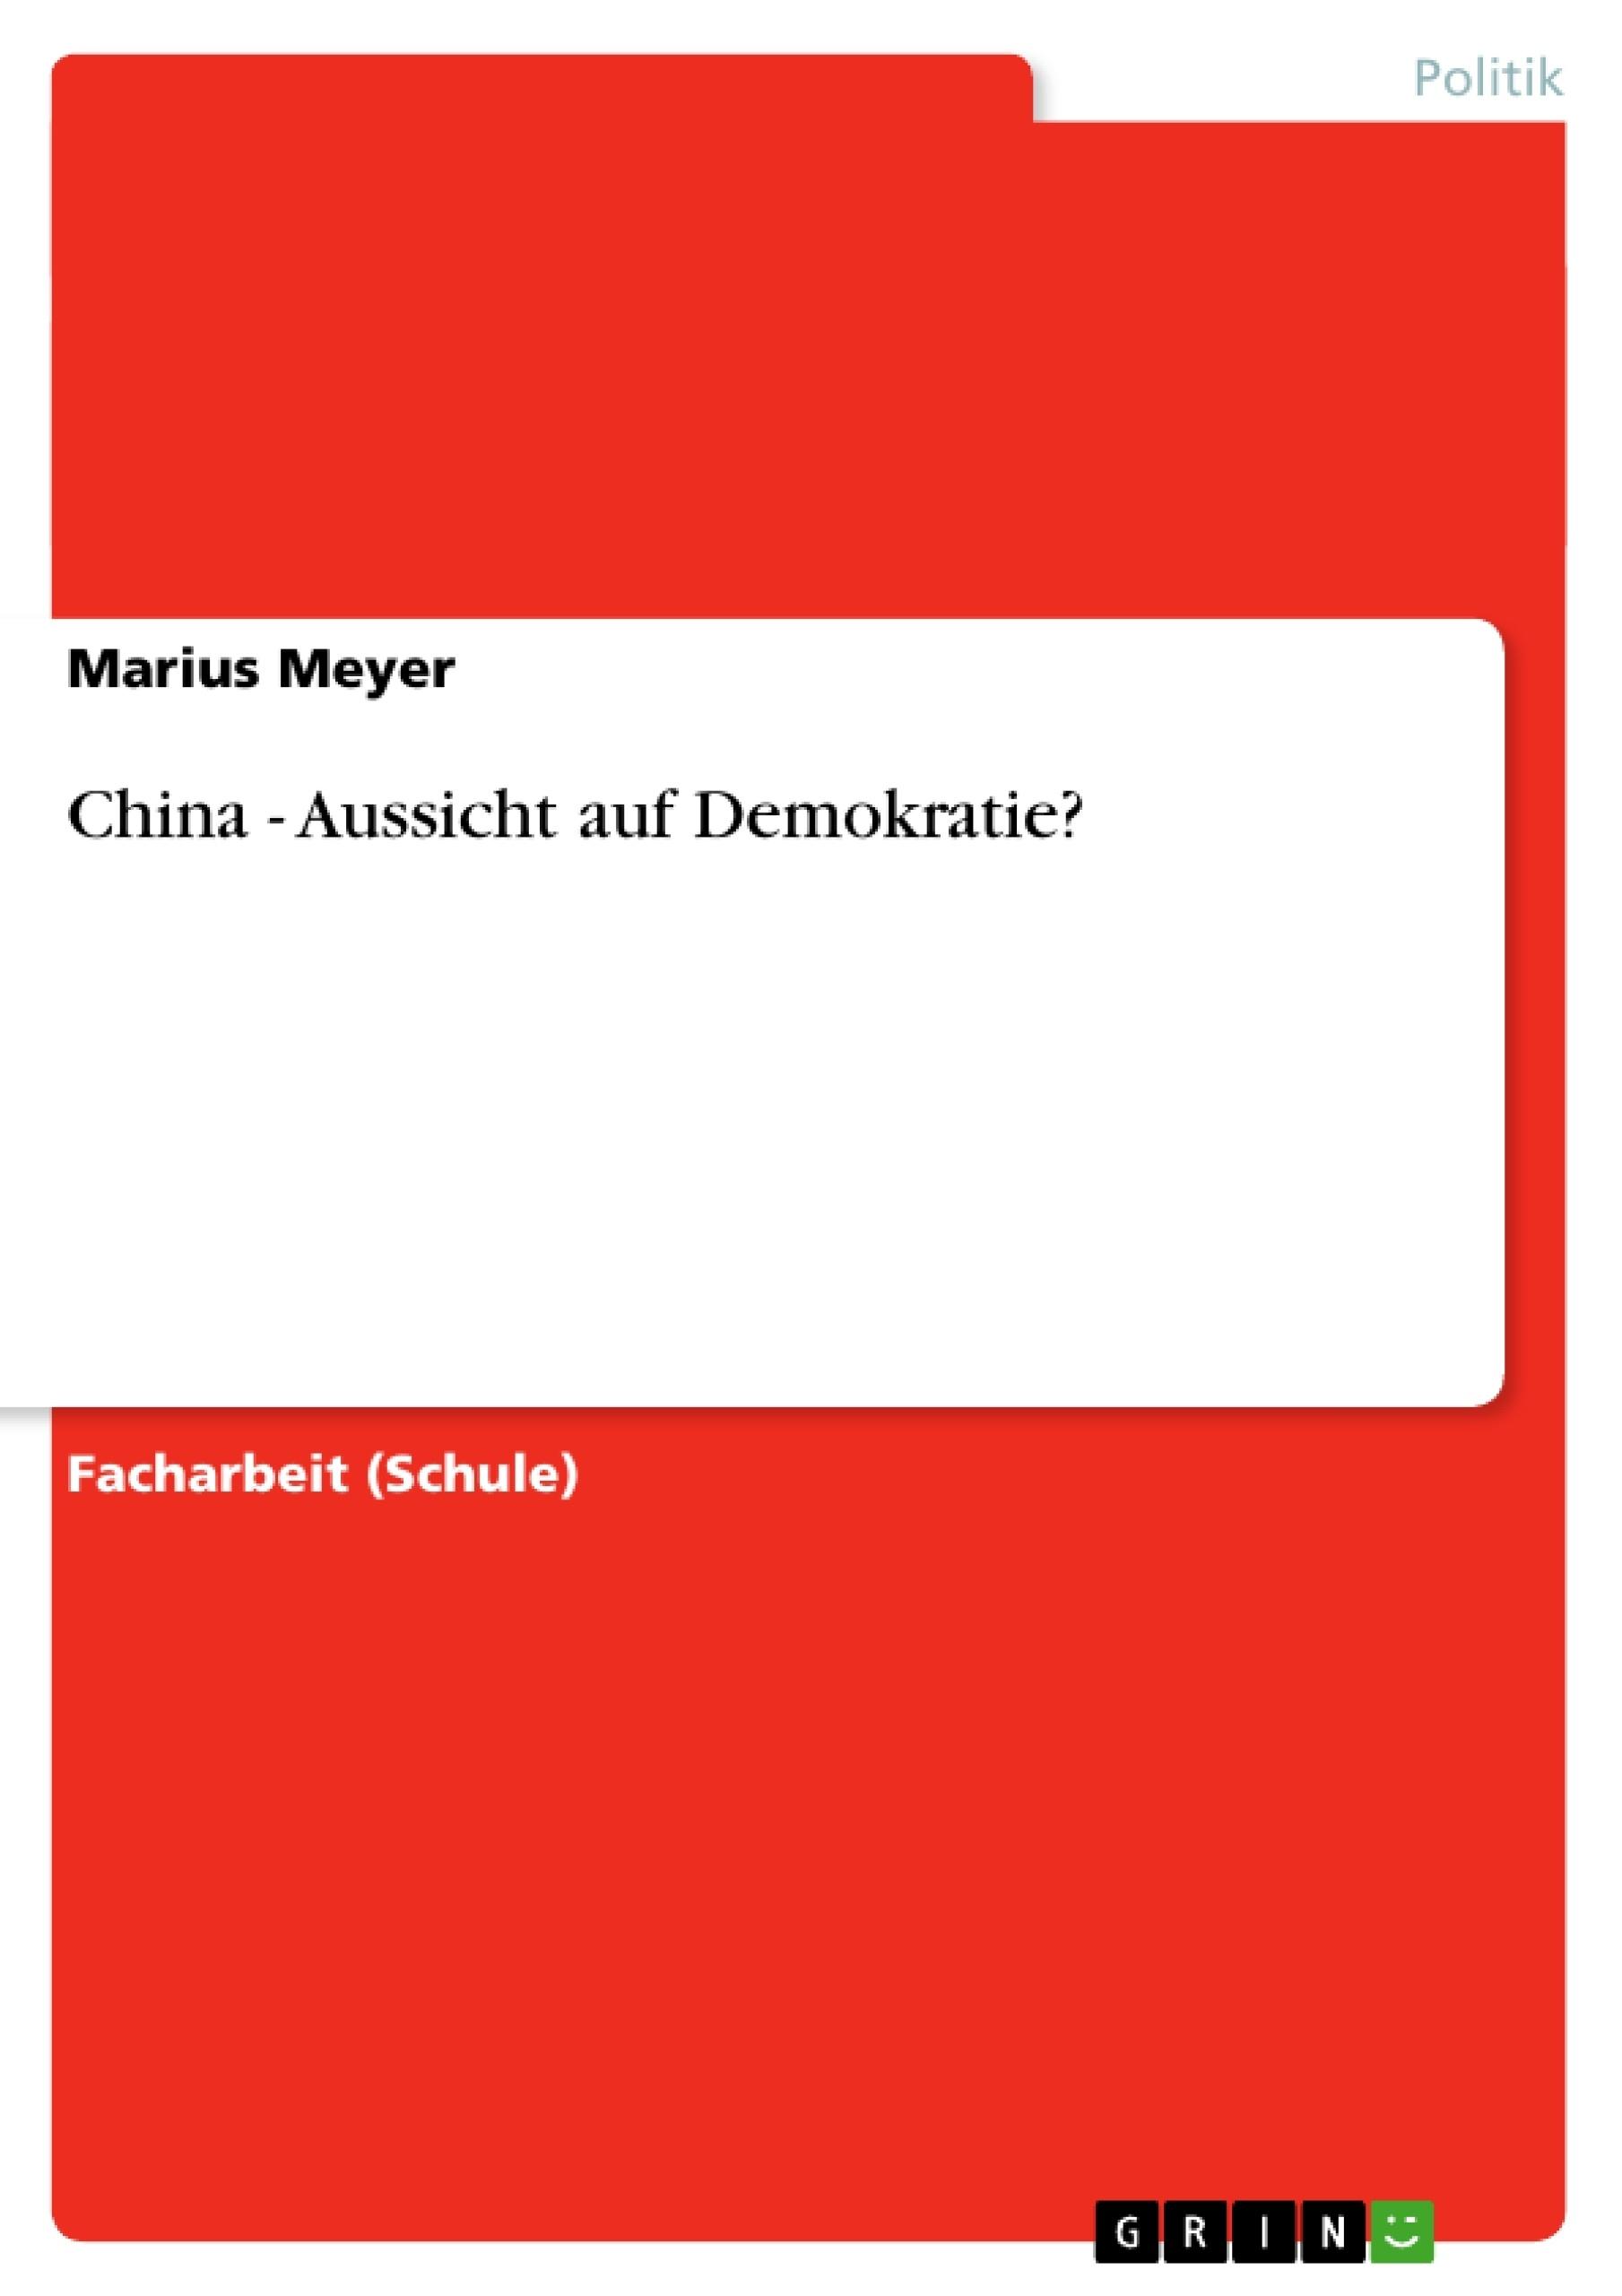 Titel: China - Aussicht auf Demokratie?